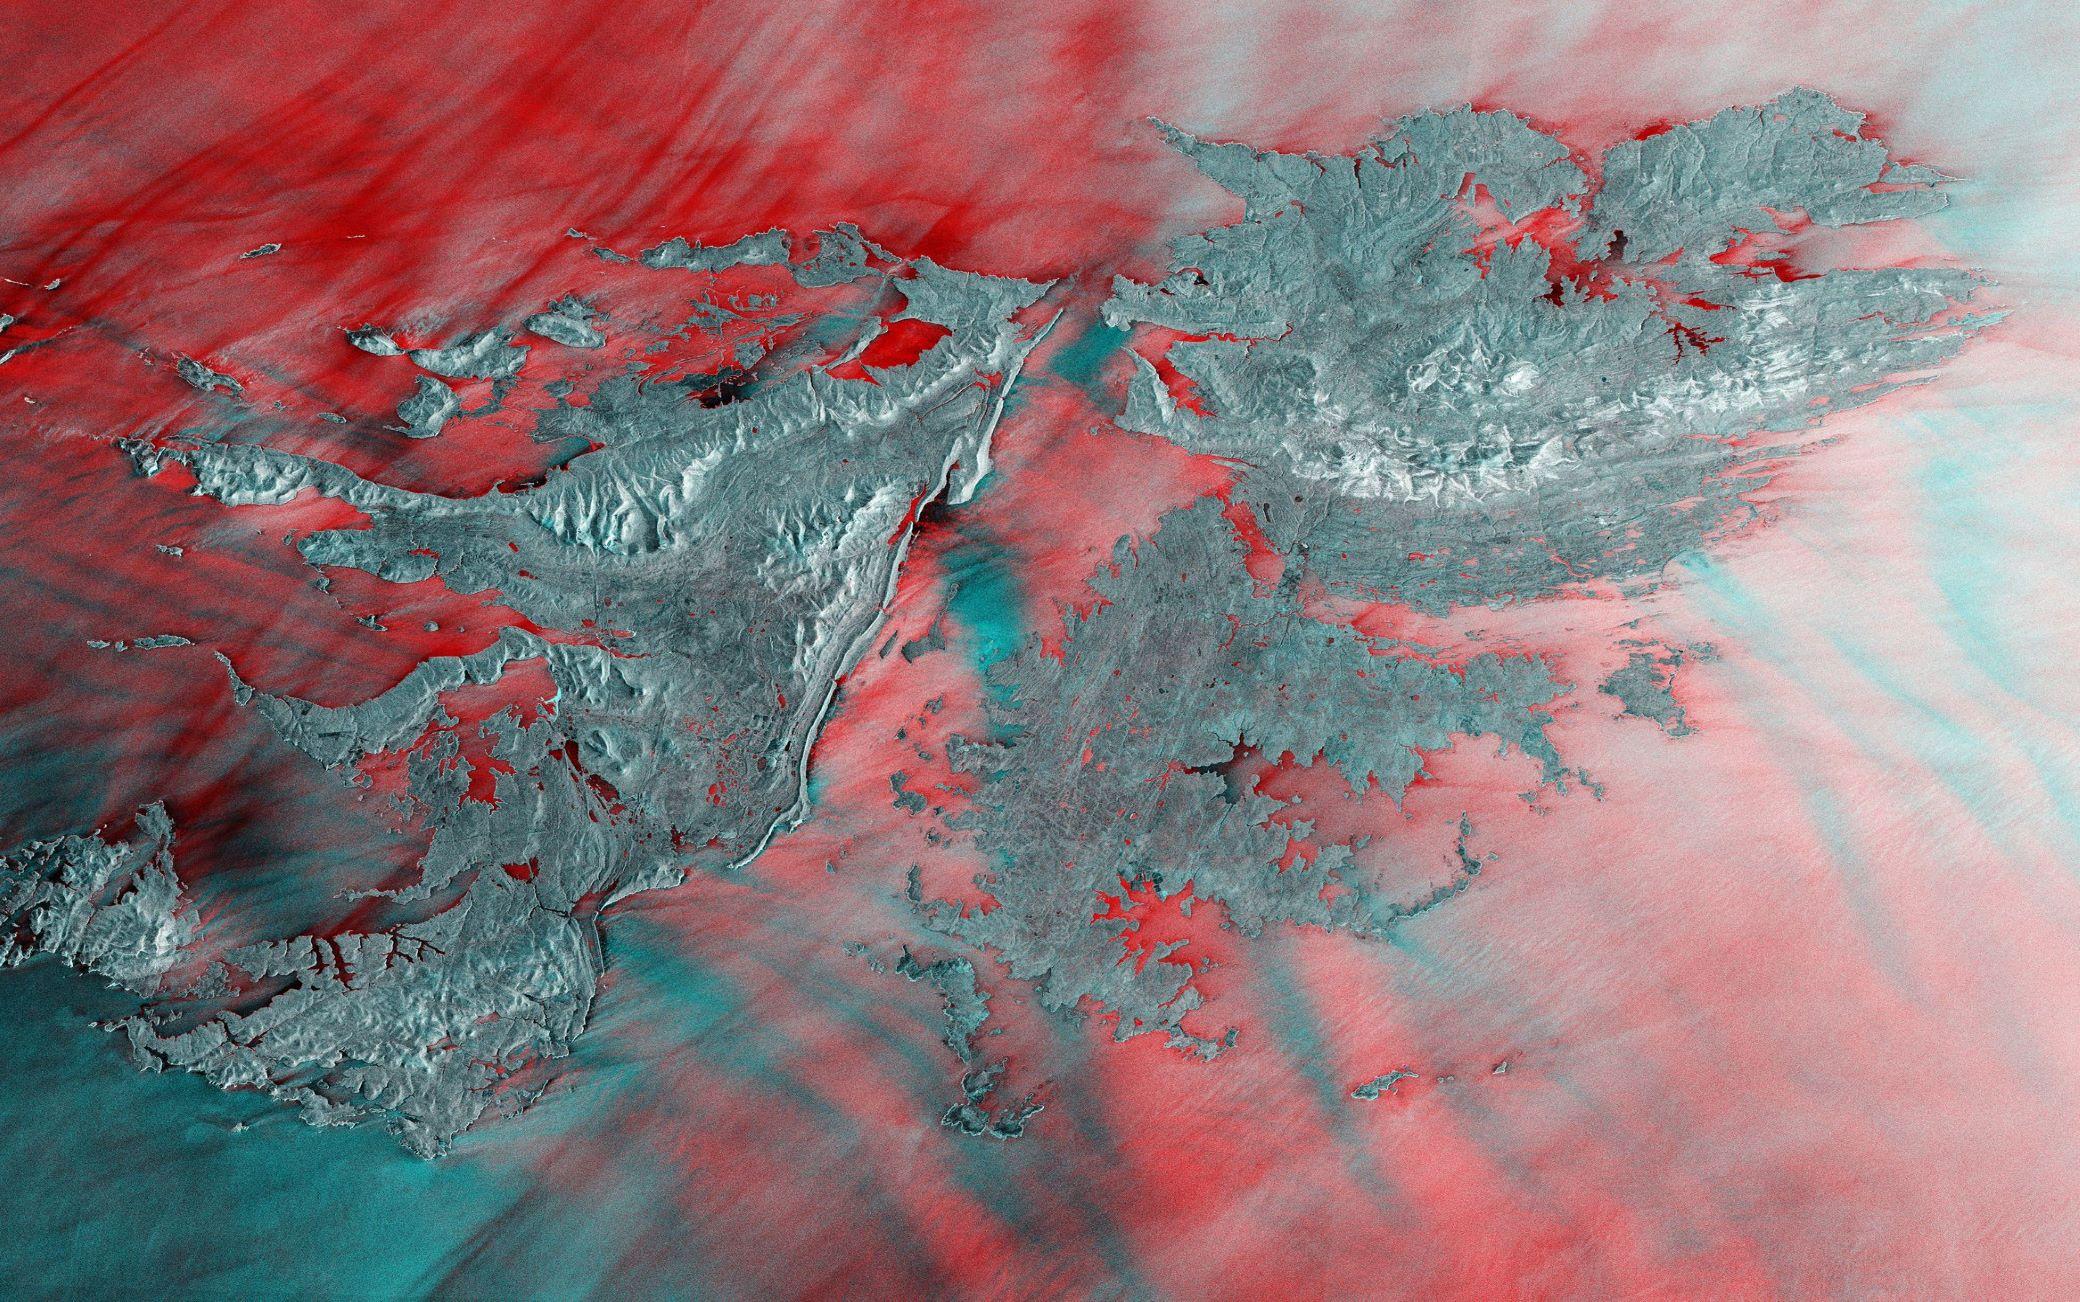 Le Isole Falkland viste dai satelliti